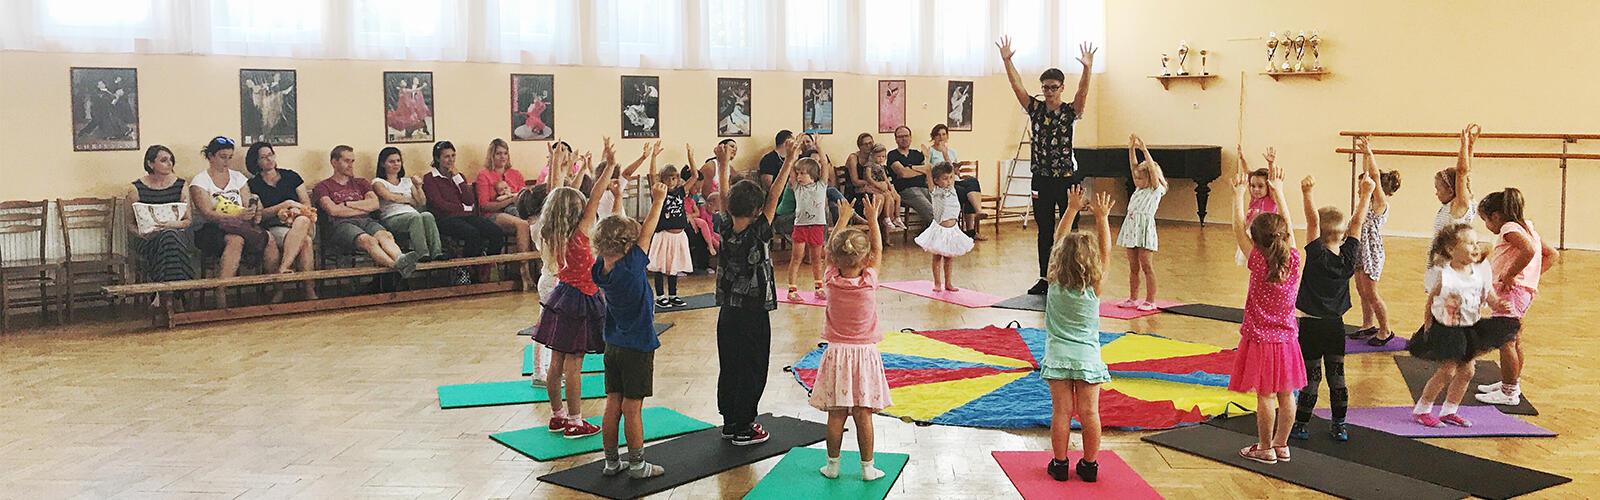 Taneční kurzy pro děti v Bakově